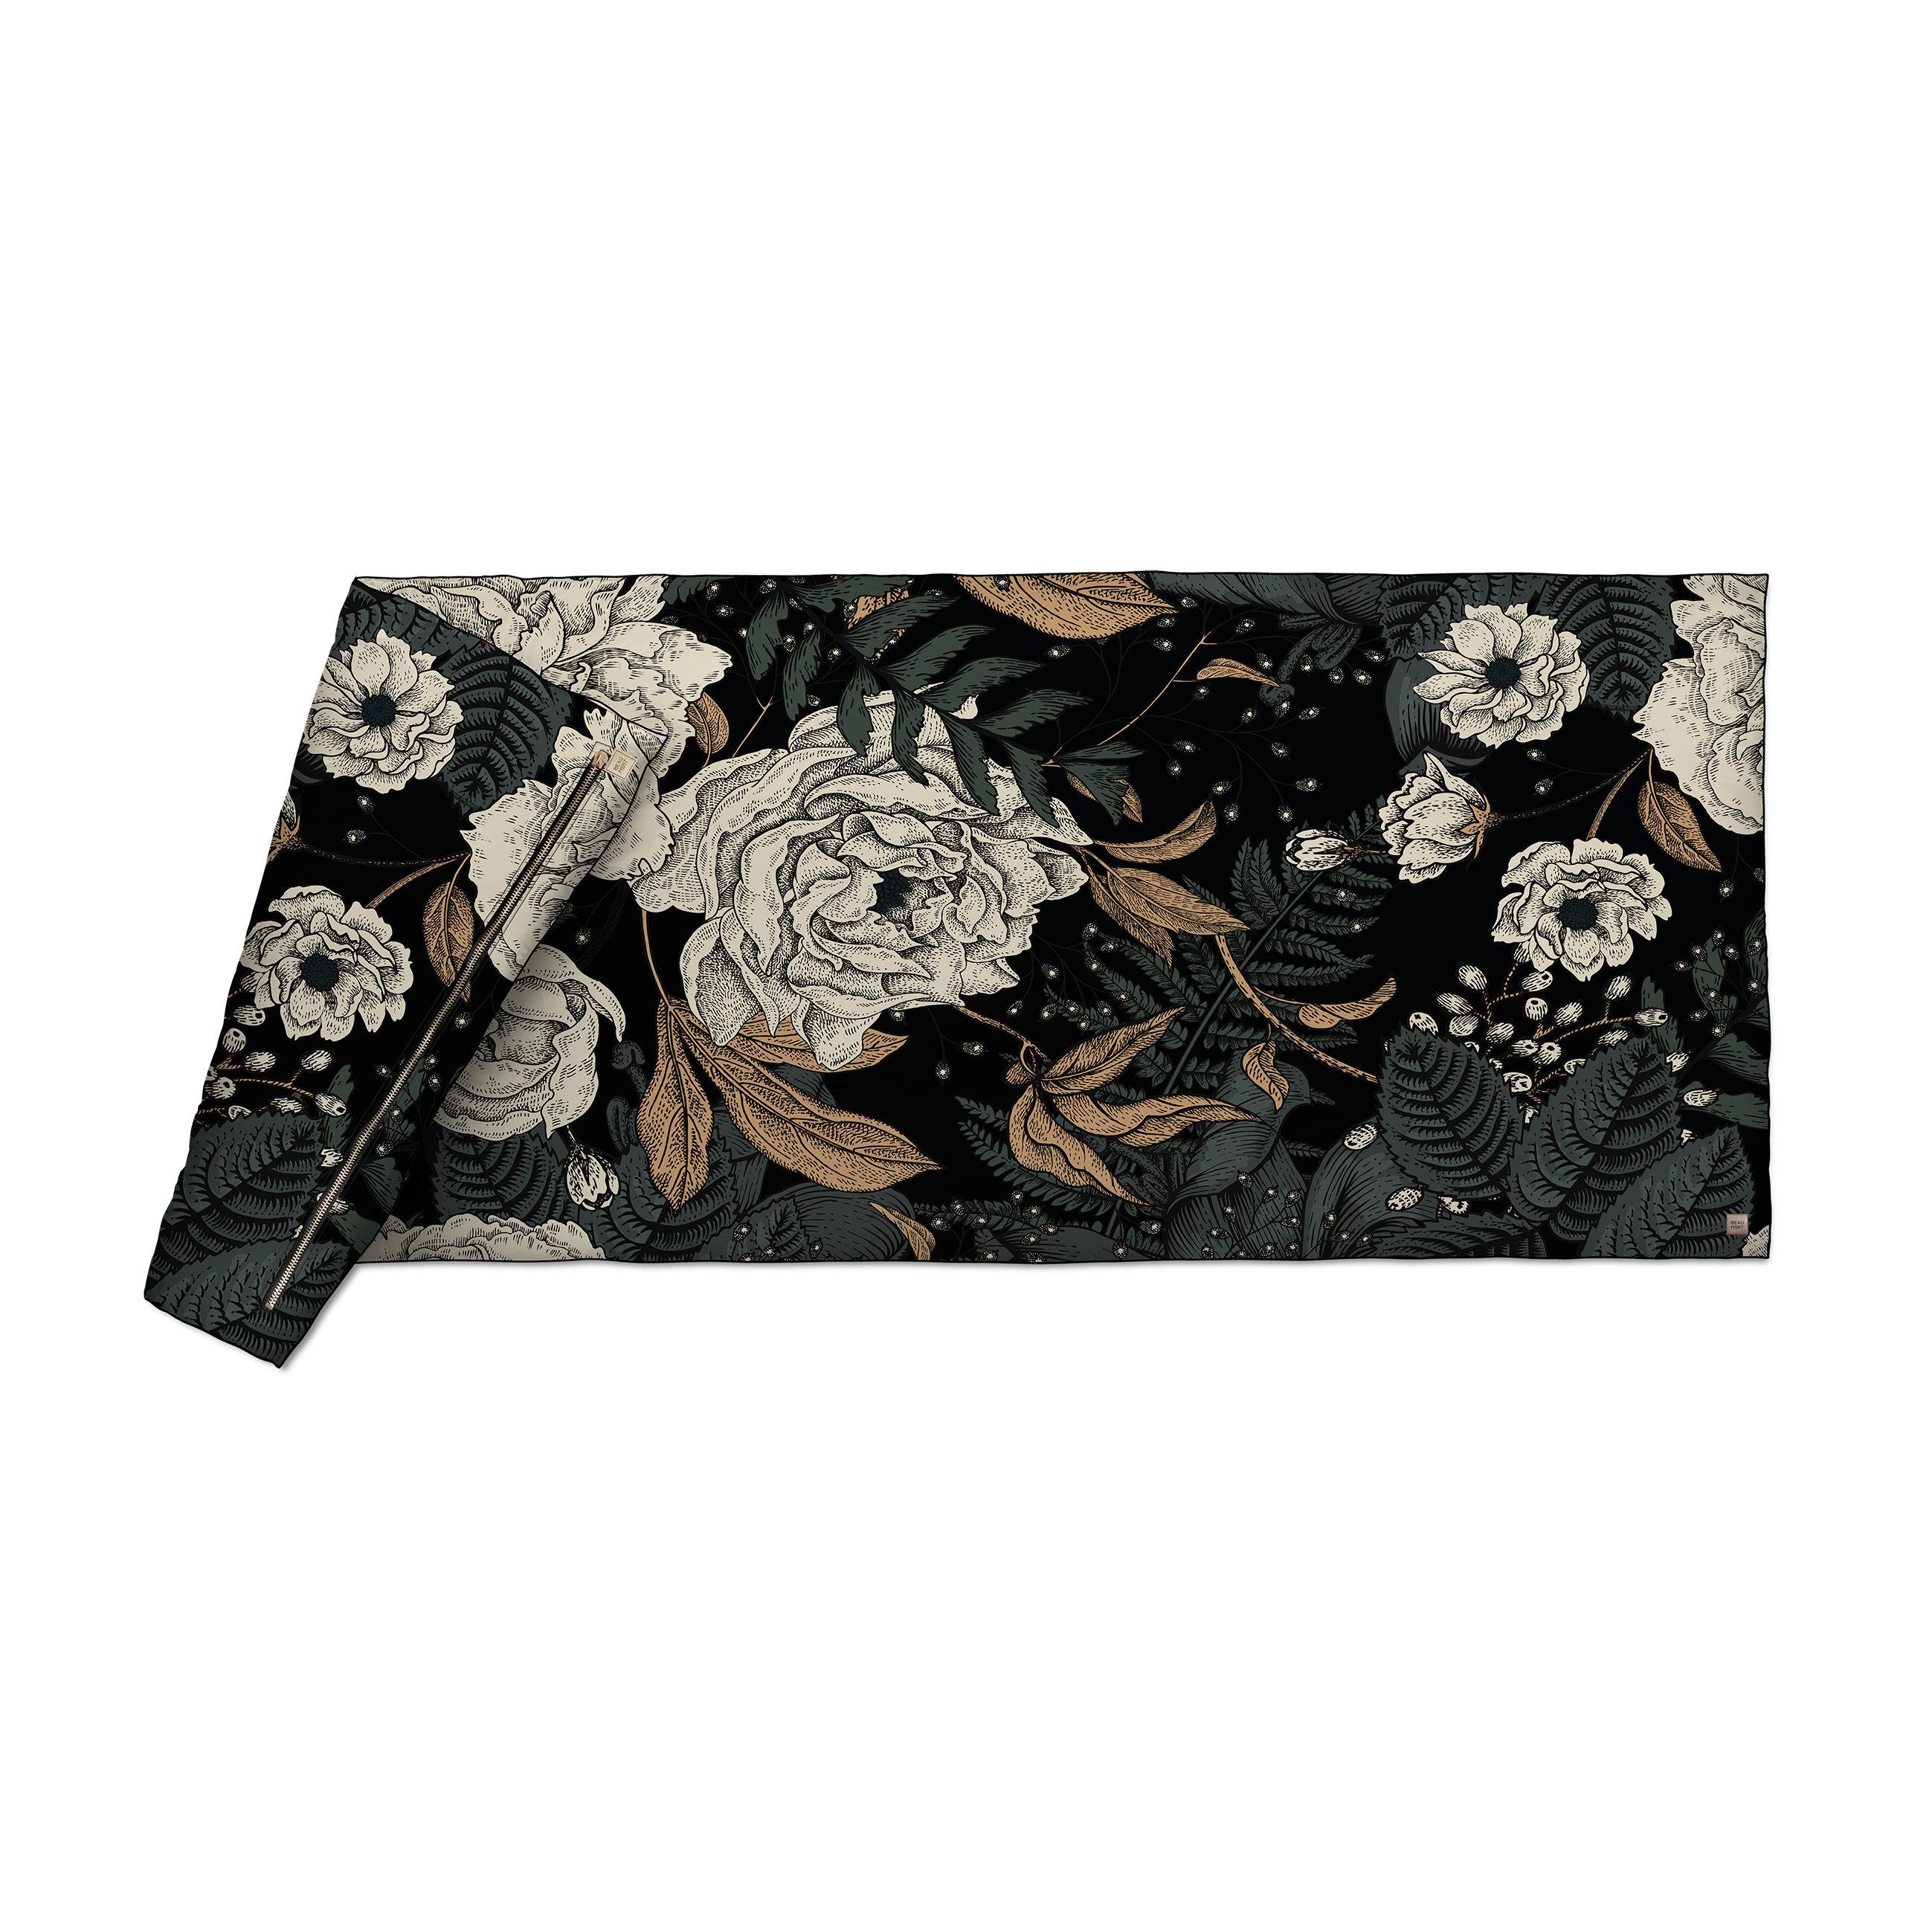 Dekoration - Wohntextilien - Tresors Plaid / Velours  - 85 x 200 cm - Beaumont - Blumen / Schwarz & grün - Gewebe, Polyesterfaser, Velours